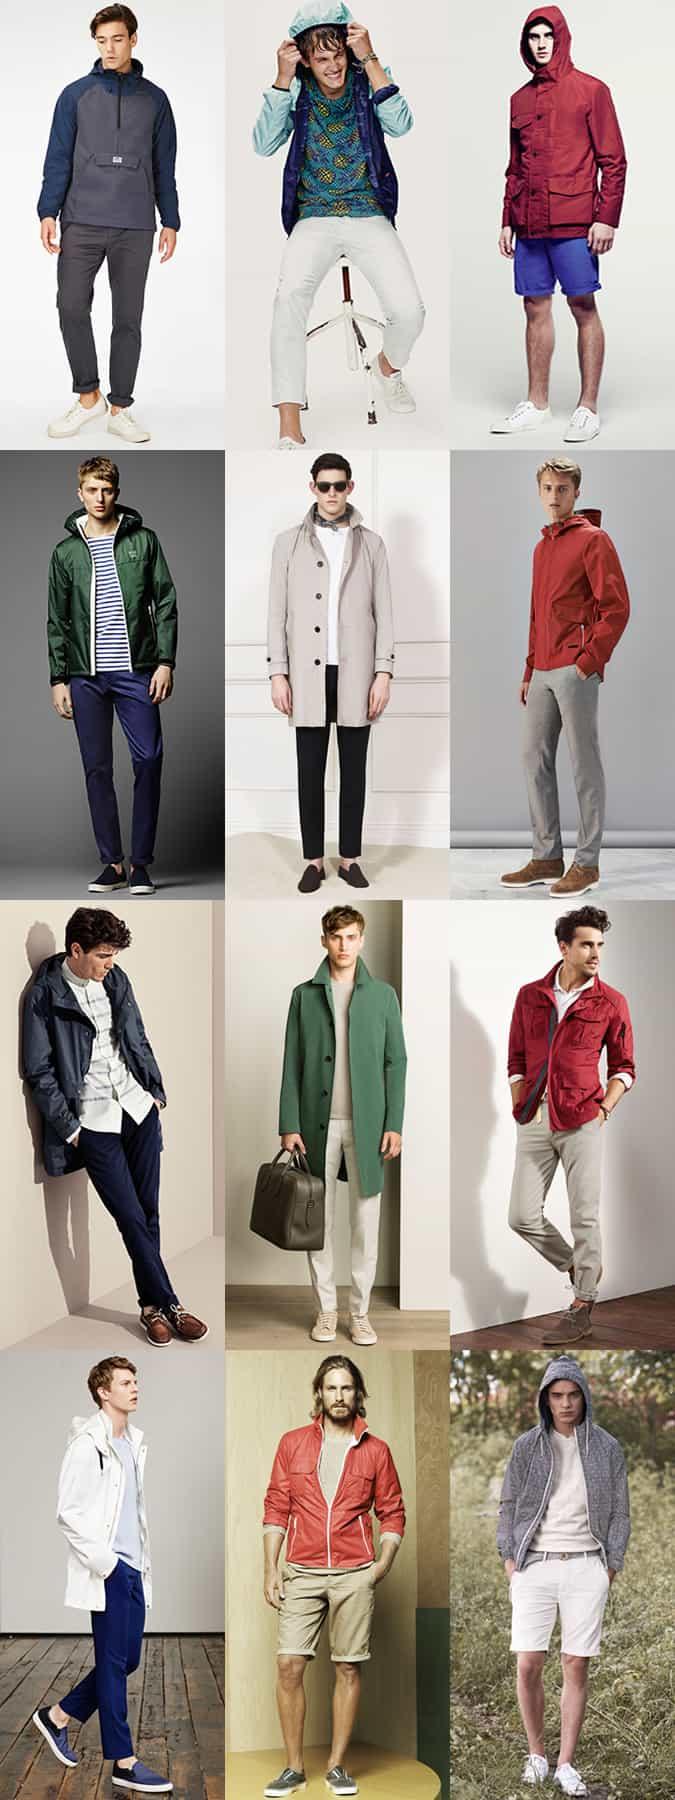 Lookbook Inspiration pour vestes de pluie d'été légères pour hommes